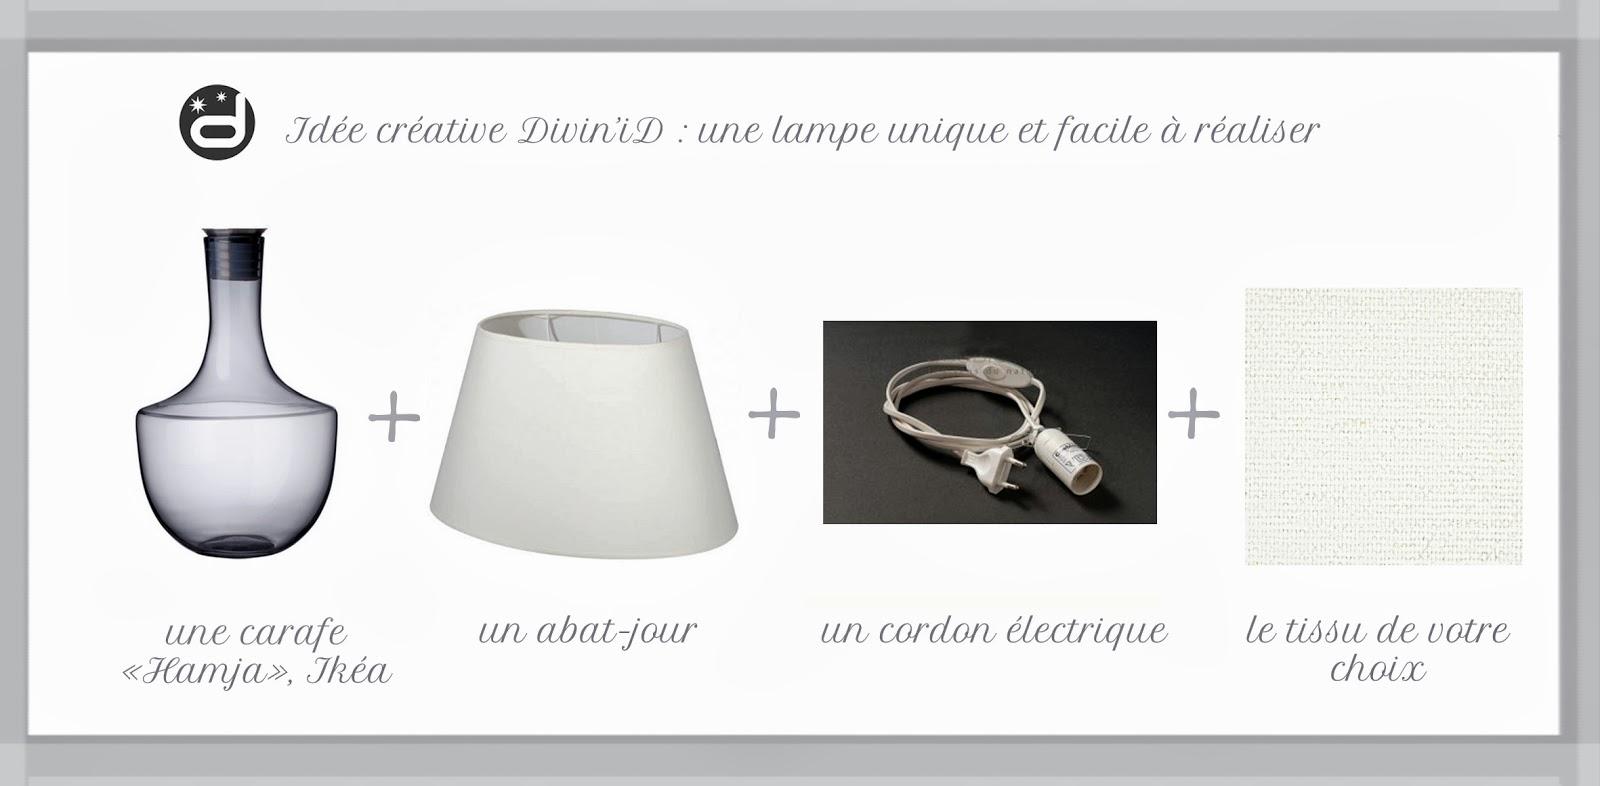 Divin iD le blog déco DIY Une lampe originale réalisée à partir d une carafe à vin Ikéa DIY